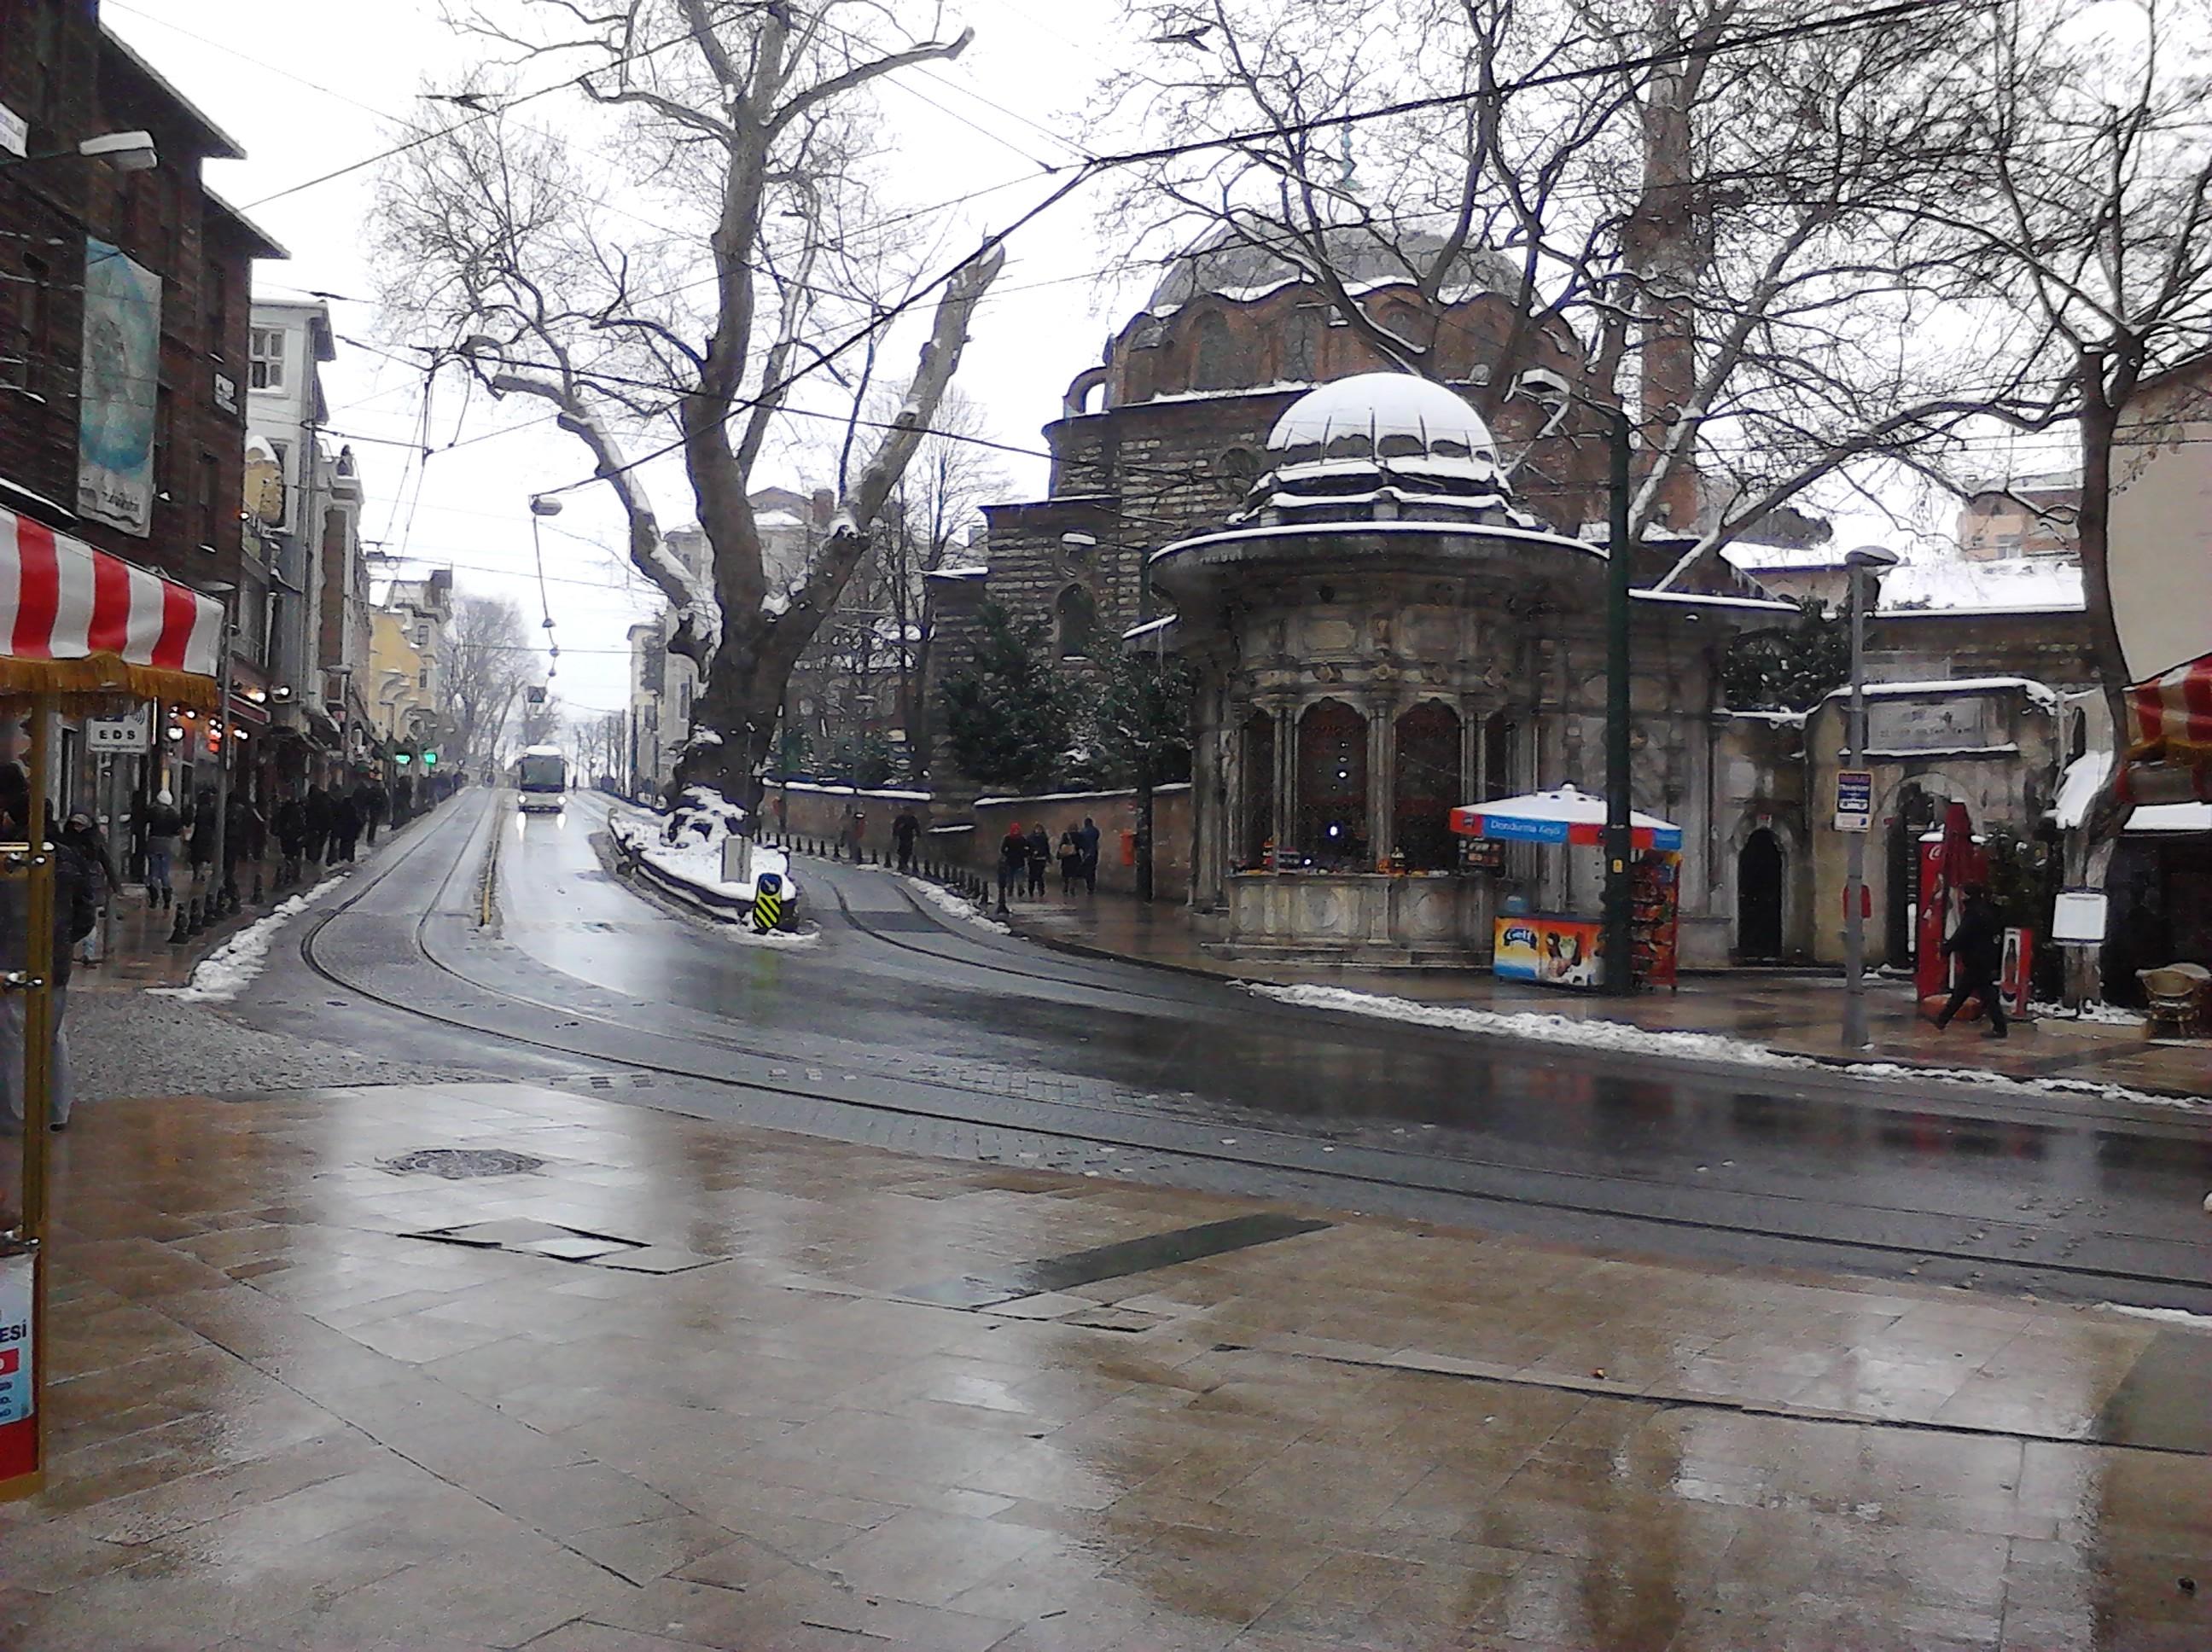 c59op7vx - İstanbul'dan Kış Manzarası